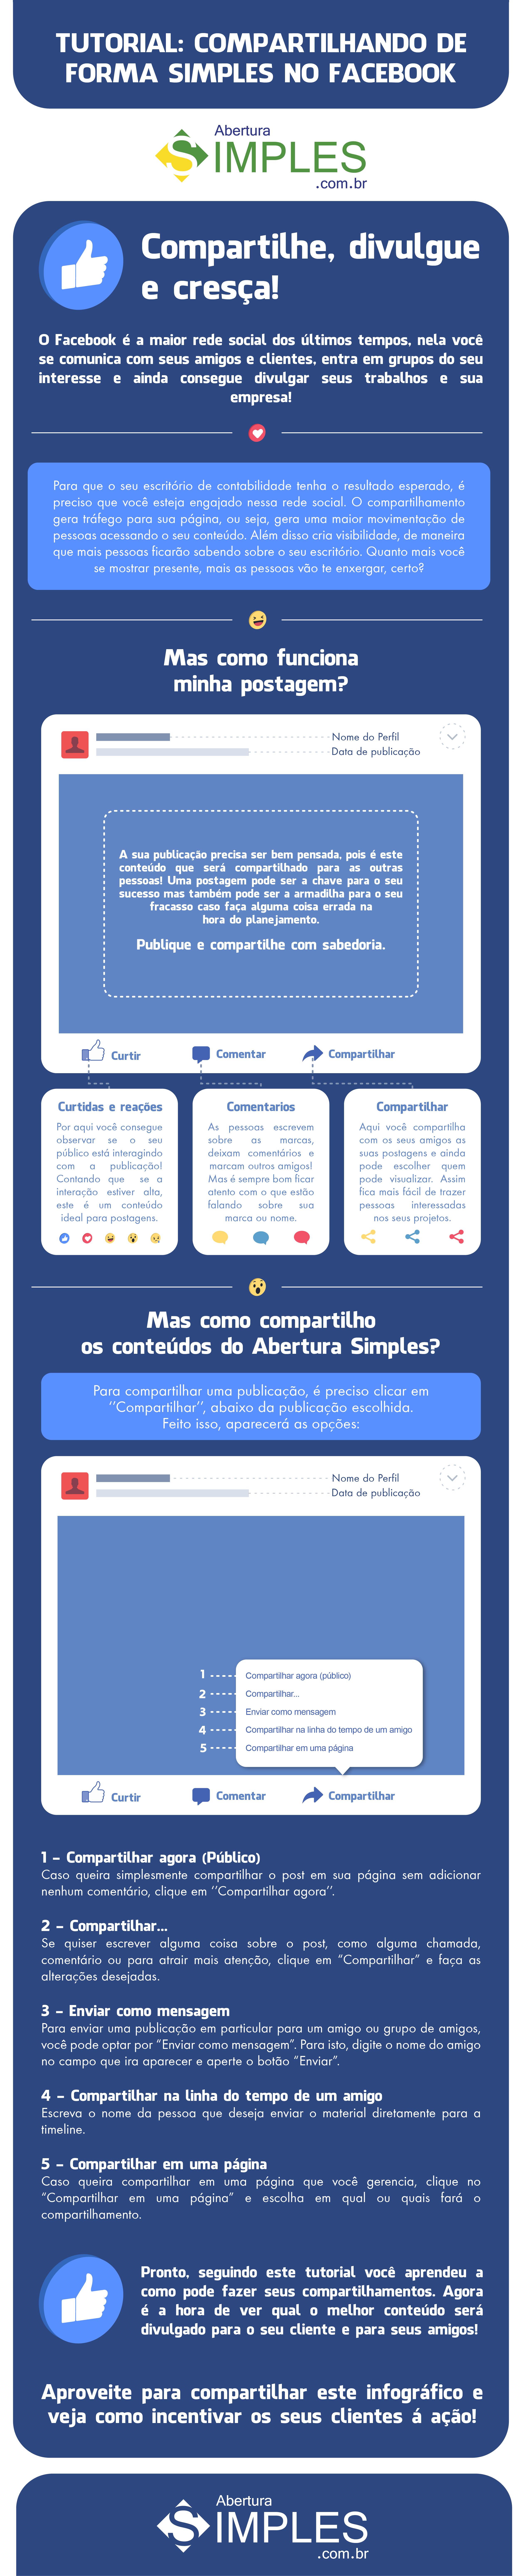 Infográfico compartilhamento